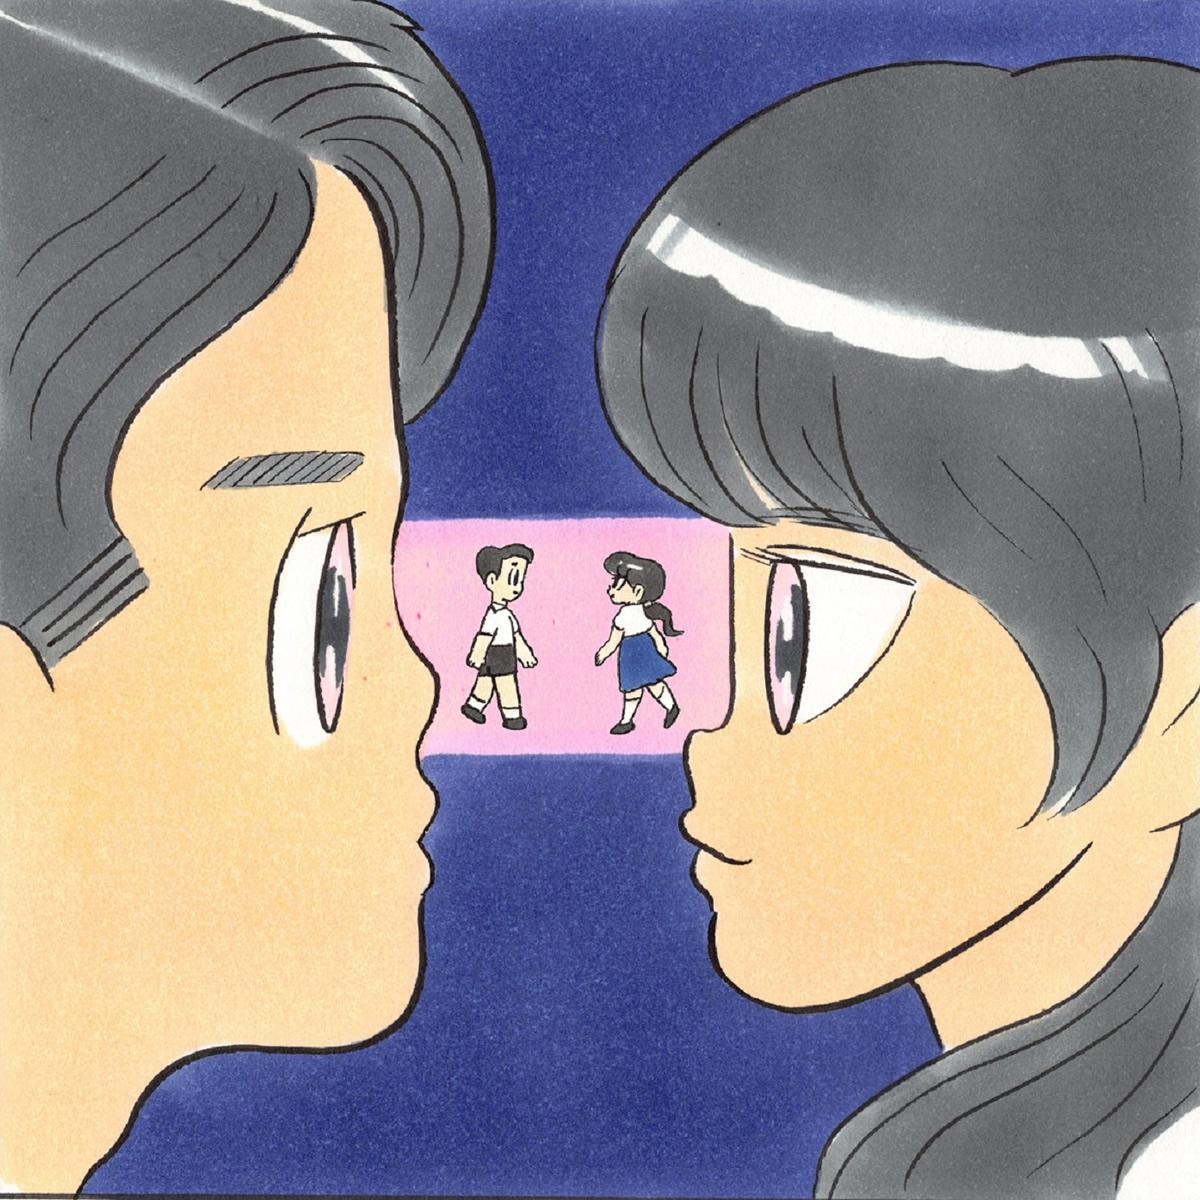 タイ人マンガ家タムくん描く映画「ホームステイ」のジェームス&チャープランBNK48が公開